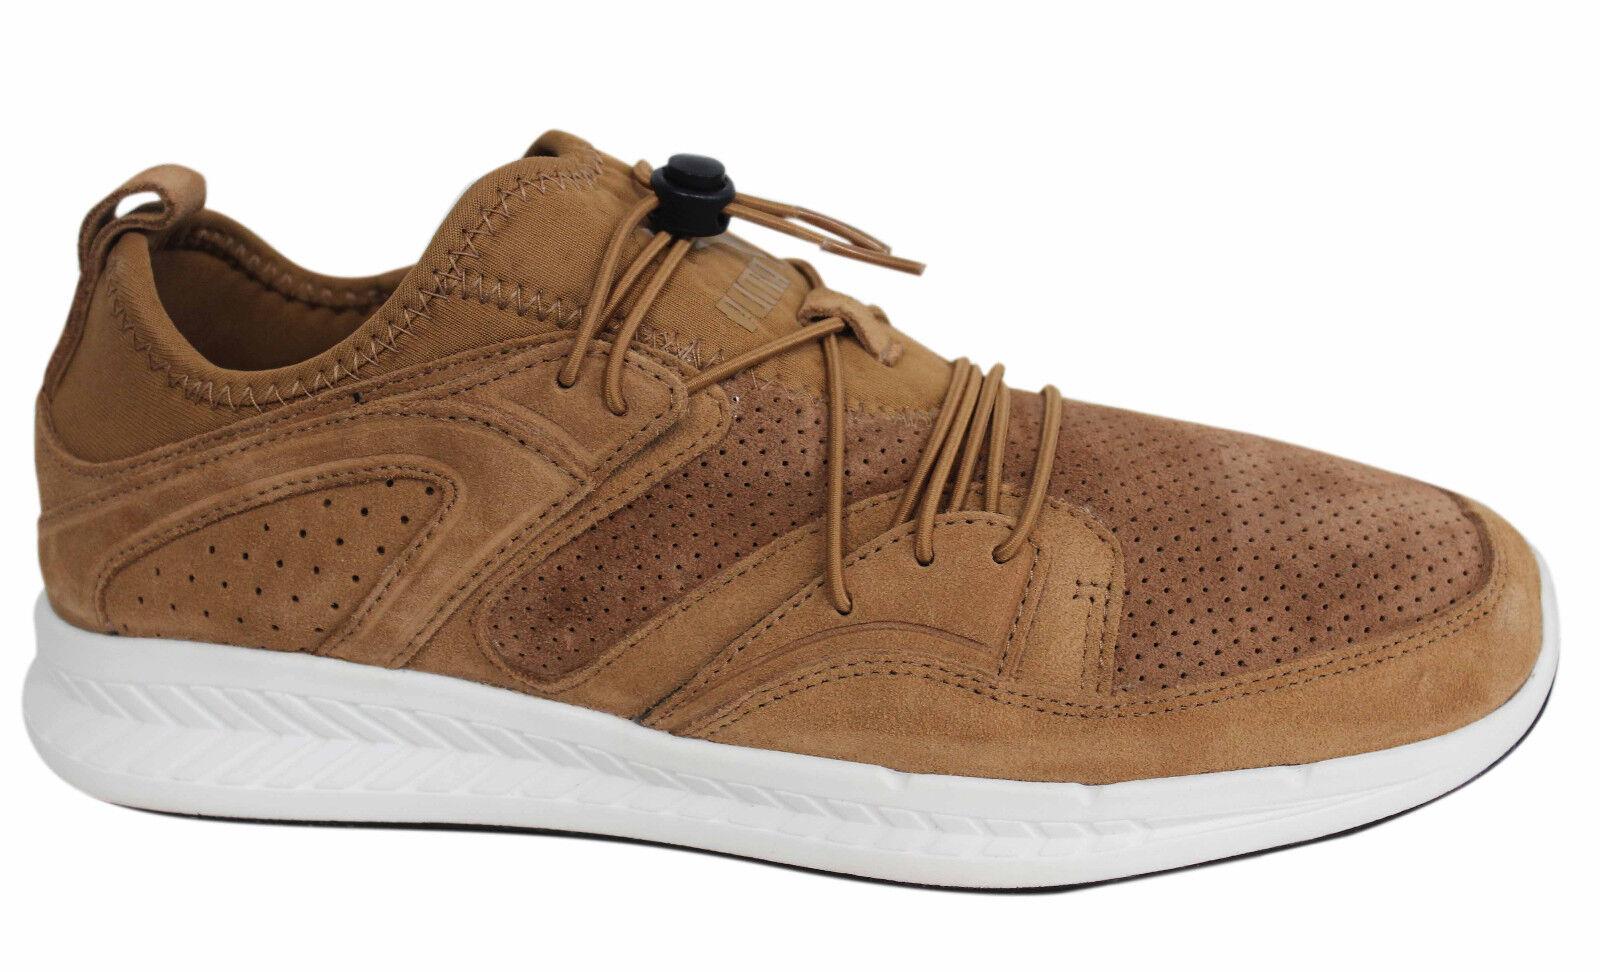 Puma Ignite Blaze Suede toggle Marrón Hombre Trainers zapatos 361585 02 U18 baratos zapatos Trainers de mujer zapatos de mujer b67957